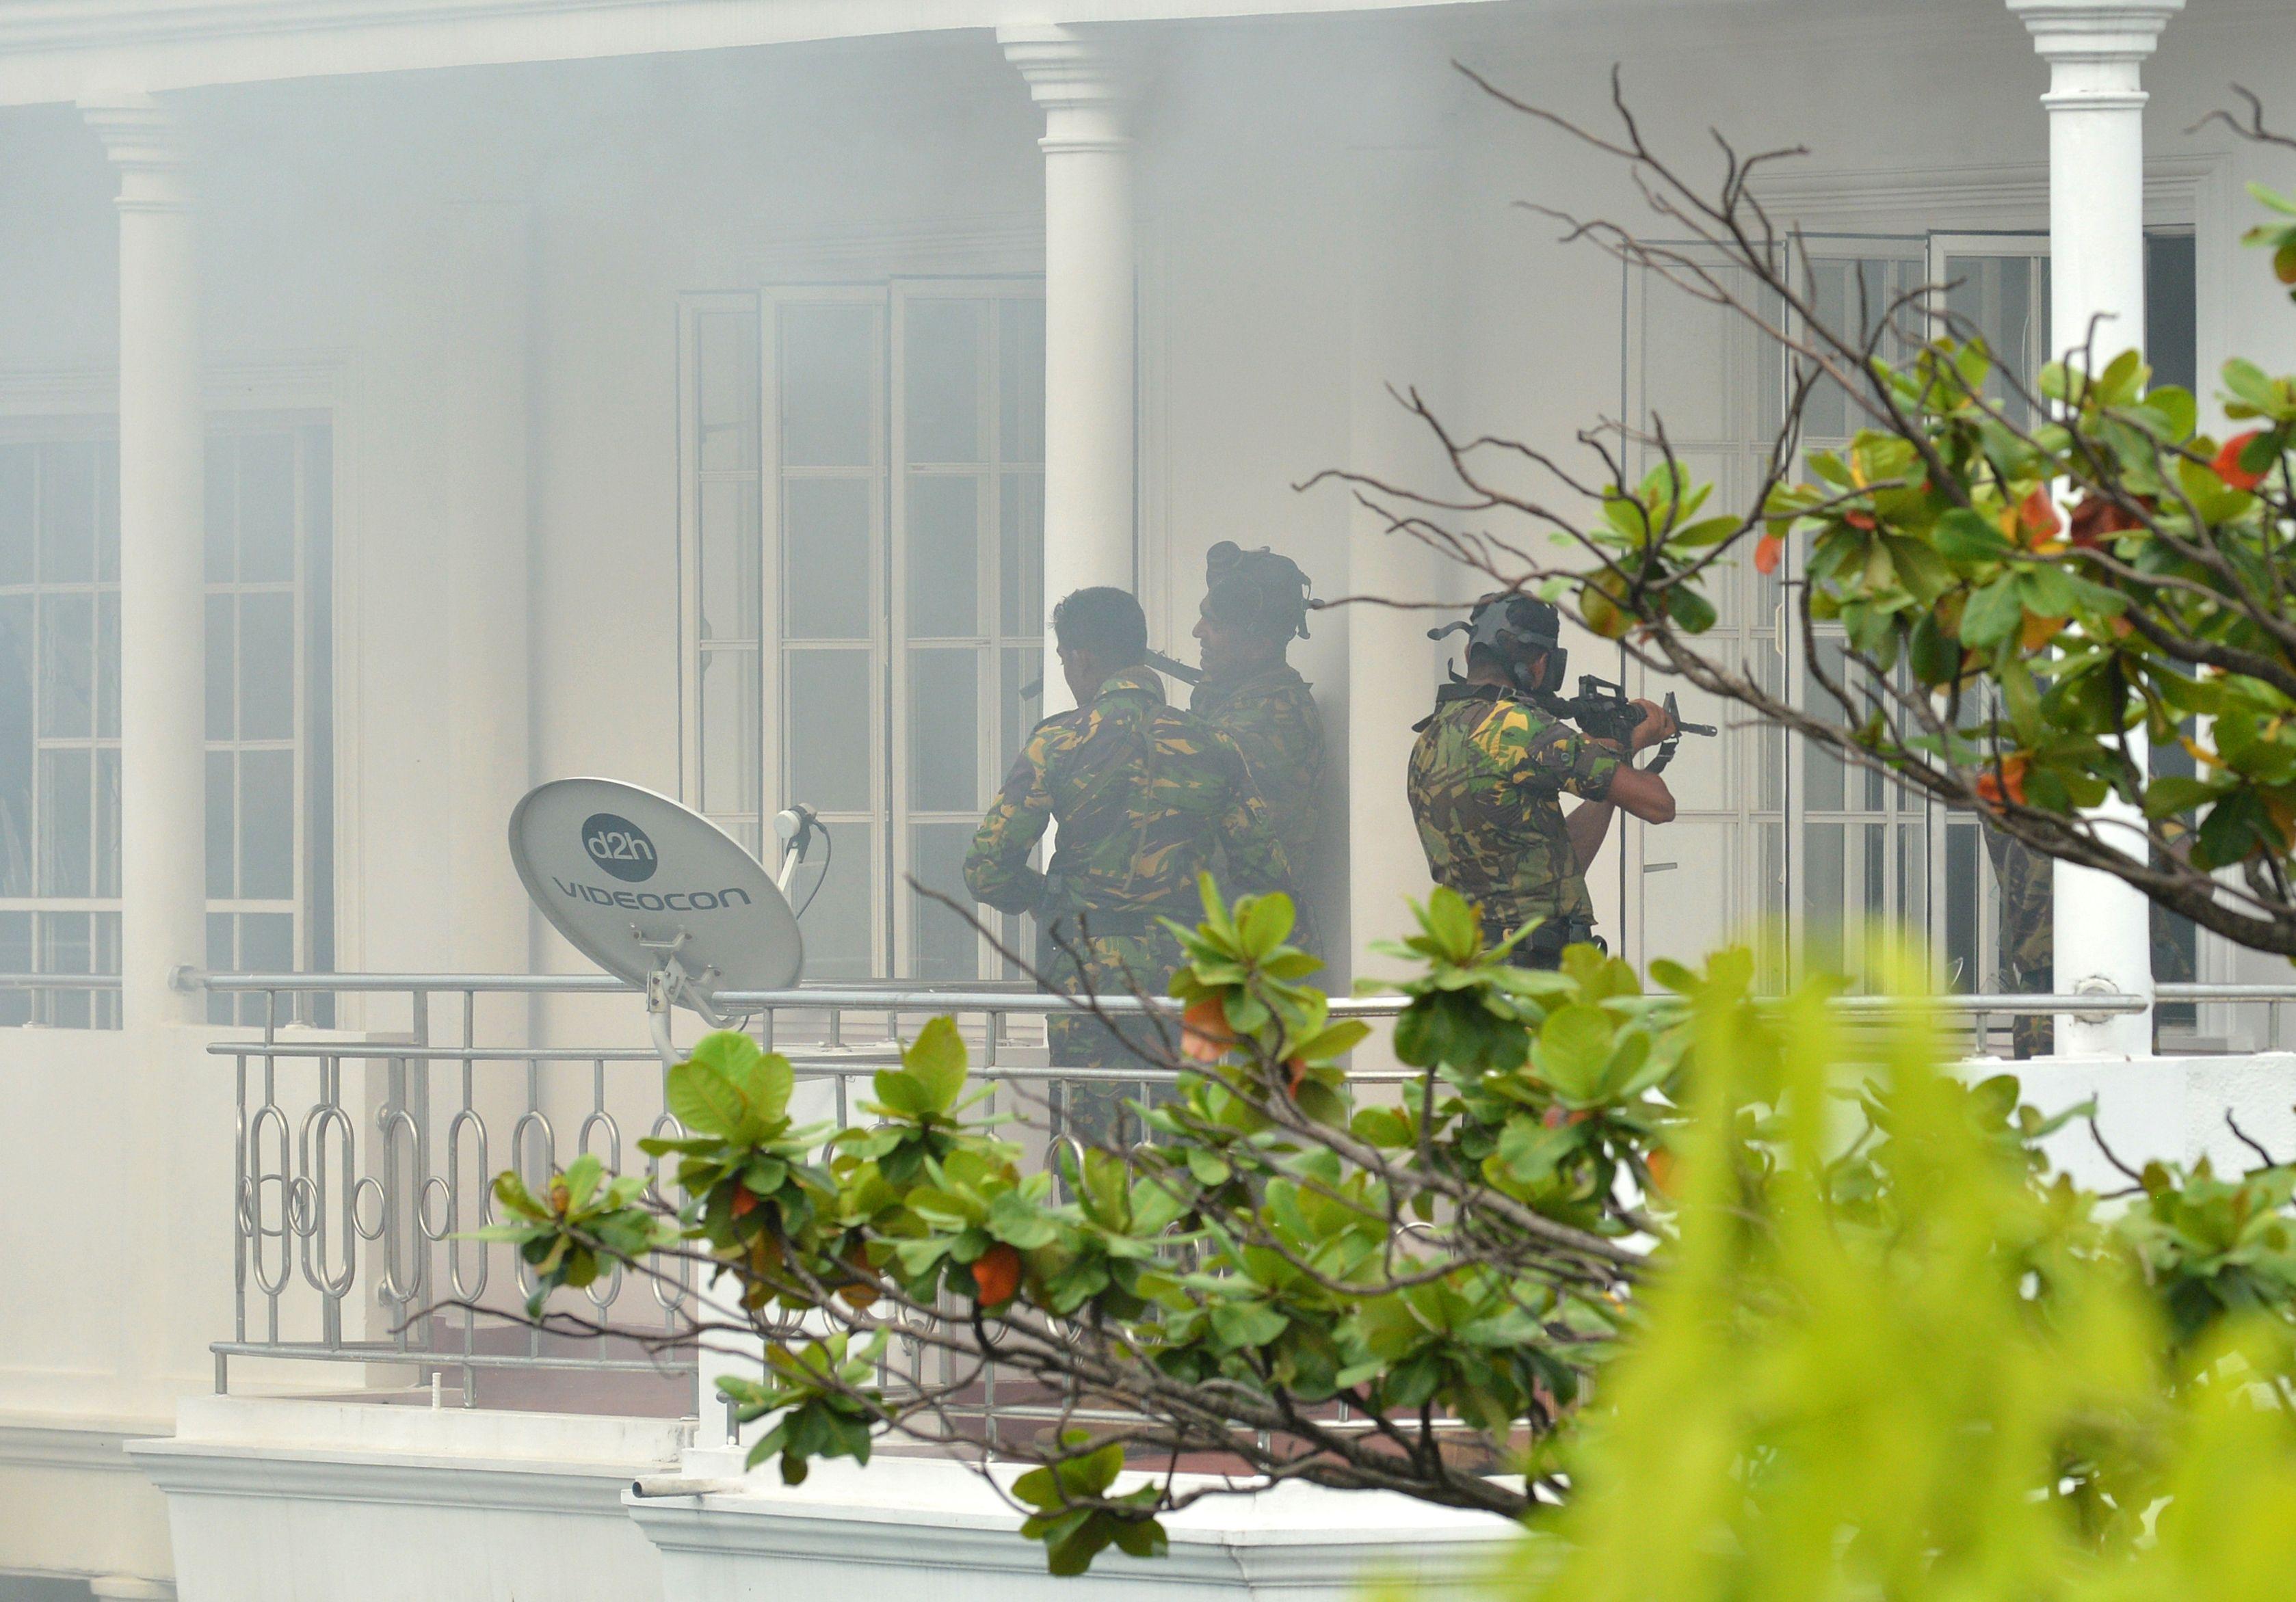 周五晚上,警方在斯里蘭卡東部海岸的突擊過程中與武裝份子發生槍戰,至少16人死亡,包括6名兒童。兩名恐怖份子仍在逃。圖為斯里蘭卡安全人員展開突擊。(ISHARA S. KODIKARA/AFP/Getty Images)